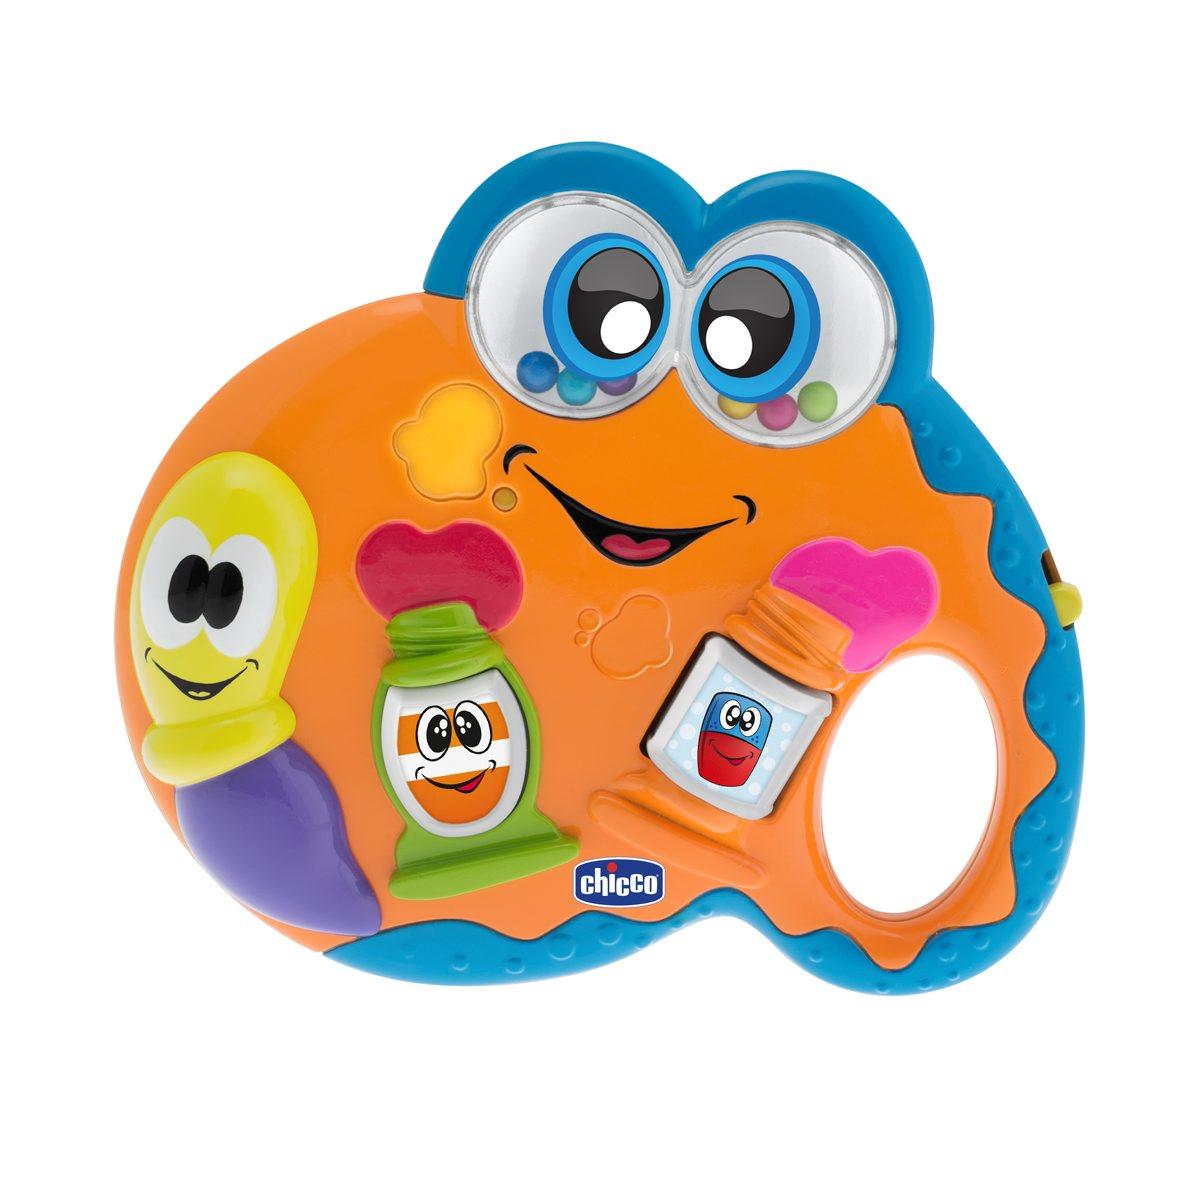 Chicco Музыкальная игрушка Палитра музыкальная подвеска на кроватку chicco чико спокойной ночи цвет голубой